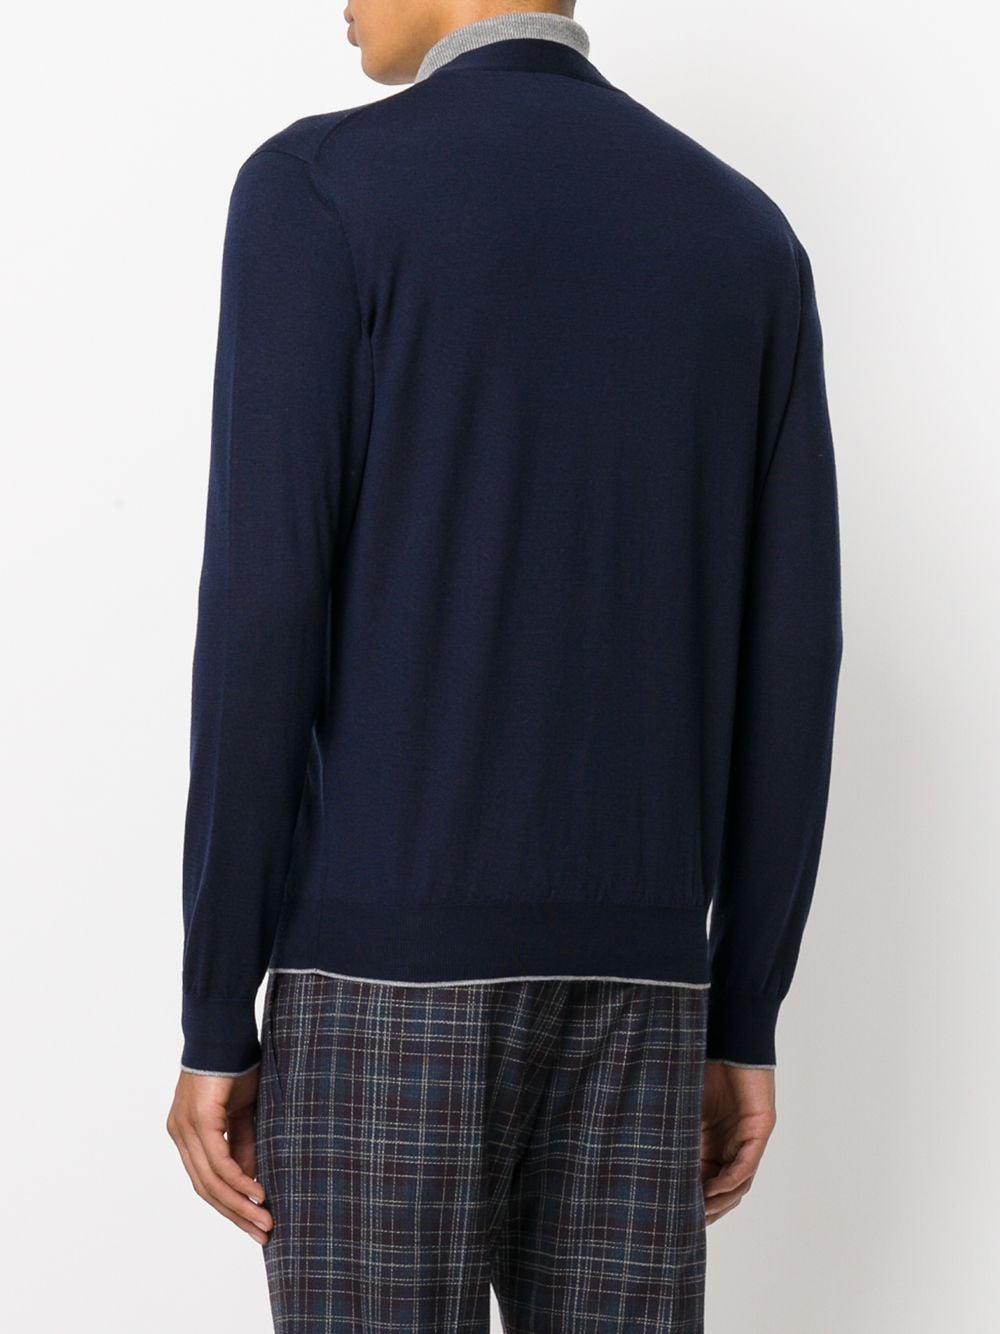 blue merino wool and silk V neck cardigan ELEVENTY |  | 979MA0195-MAG2400311